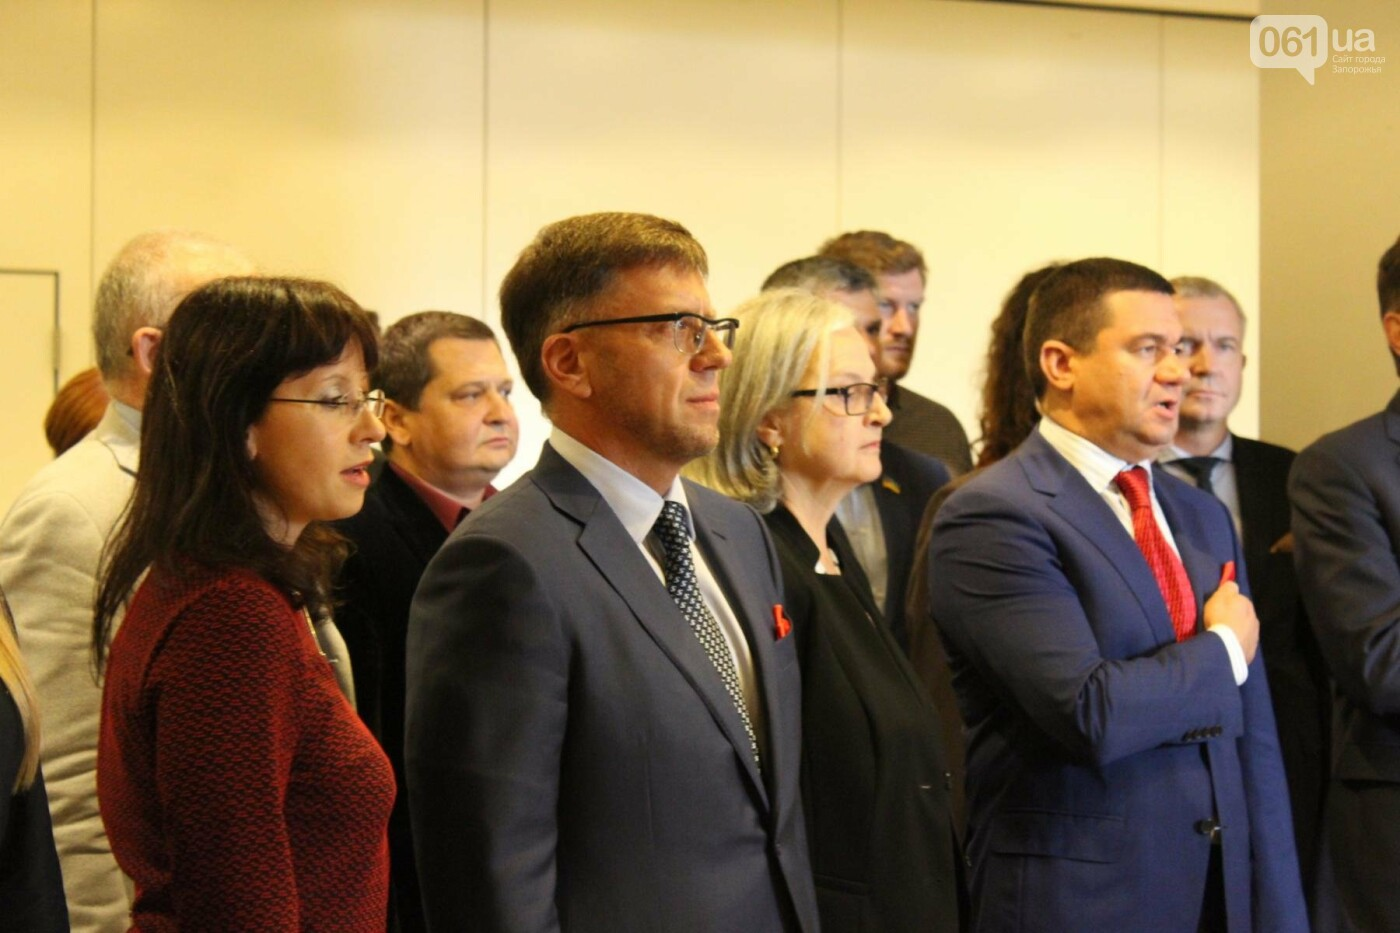 В Запорожье открылось Почетное консульство Австрии: консулом стал известный бизнесмен Борис Шестопалов, — ФОТОРЕПОРТАЖ, фото-2